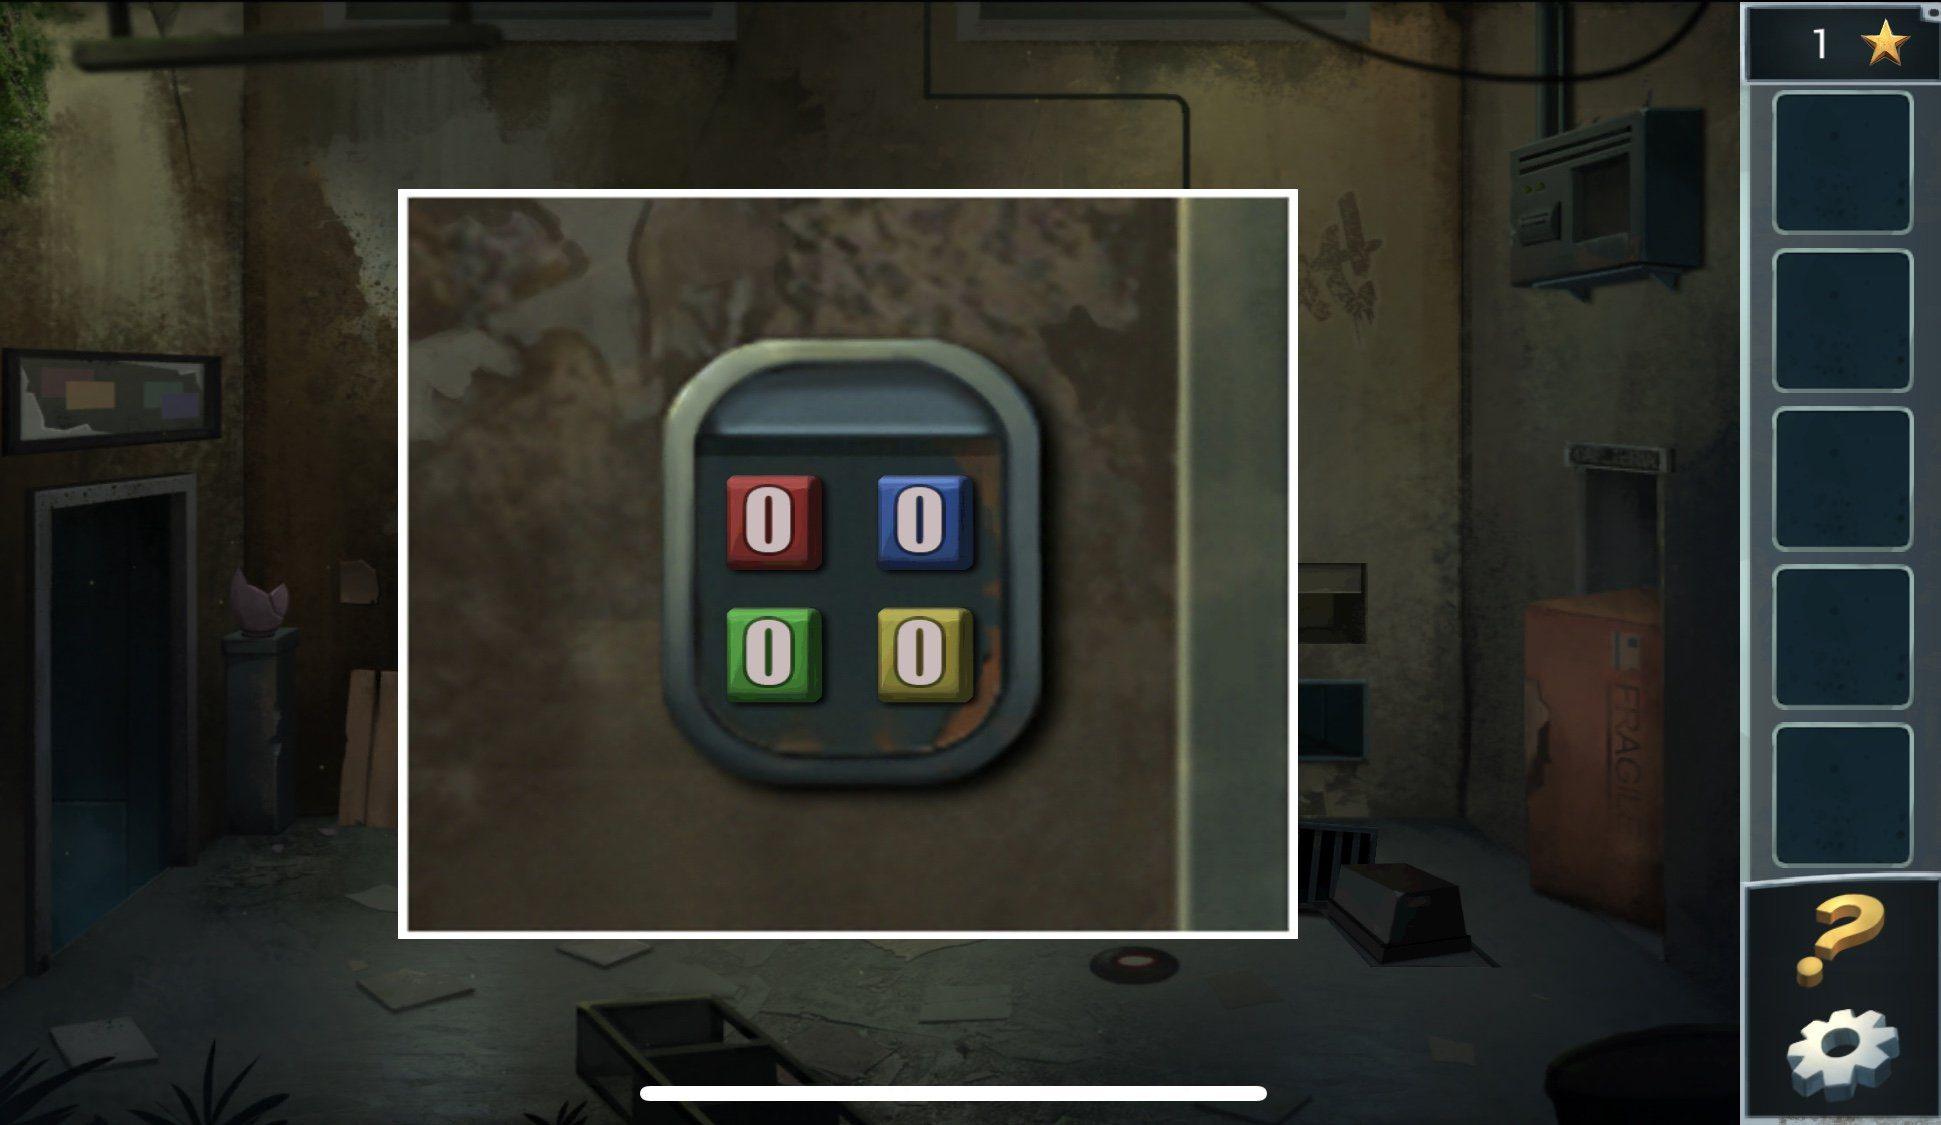 В столовой воспользуйтесь палкой, чтобы достать с полки масло – смажьте маслом колесо у тележки. Тележка откатиться в стену, ударив по стене. С обратной стороны откроется полка, возвращайтесь в лифтовой холл и заберите с полки ключ, ключом откройте панель у кнопки лифта. На панели введите комбинацию из цифр, ее можно увидеть на часах: в кухне и лифтовом холле. (Синий цвет – 3; желтый – 9; остальные – 0).